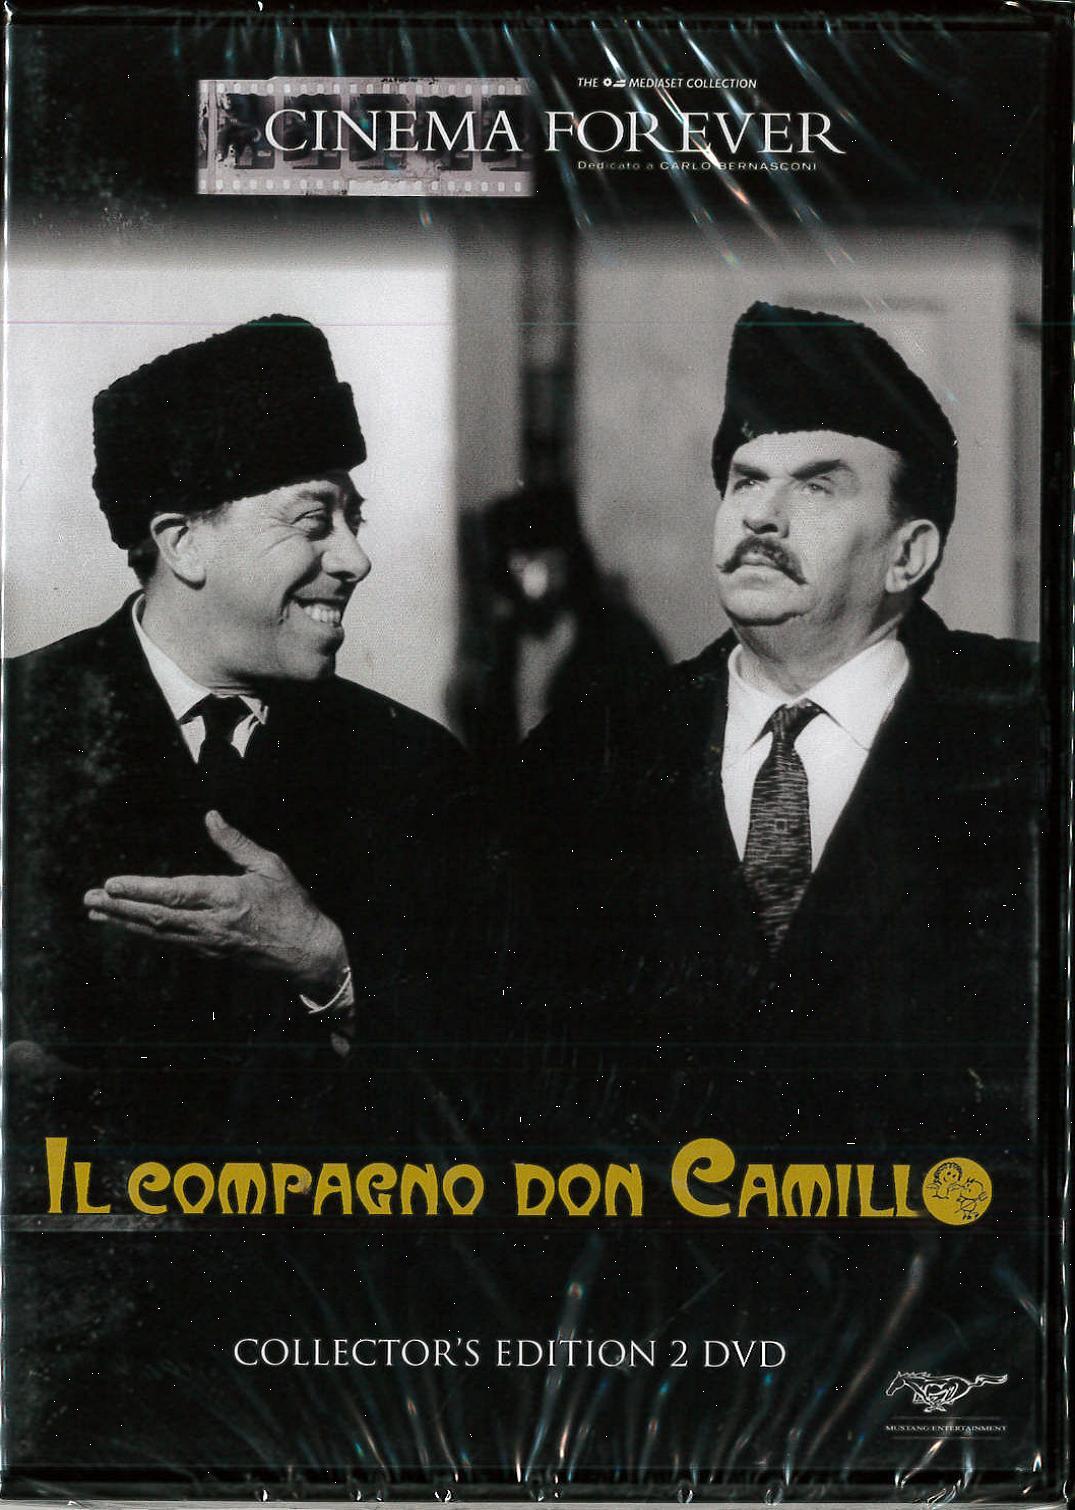 DON CAMILLO IL COMPAGNO DON CAMILLO (2 DVD) (DVD)